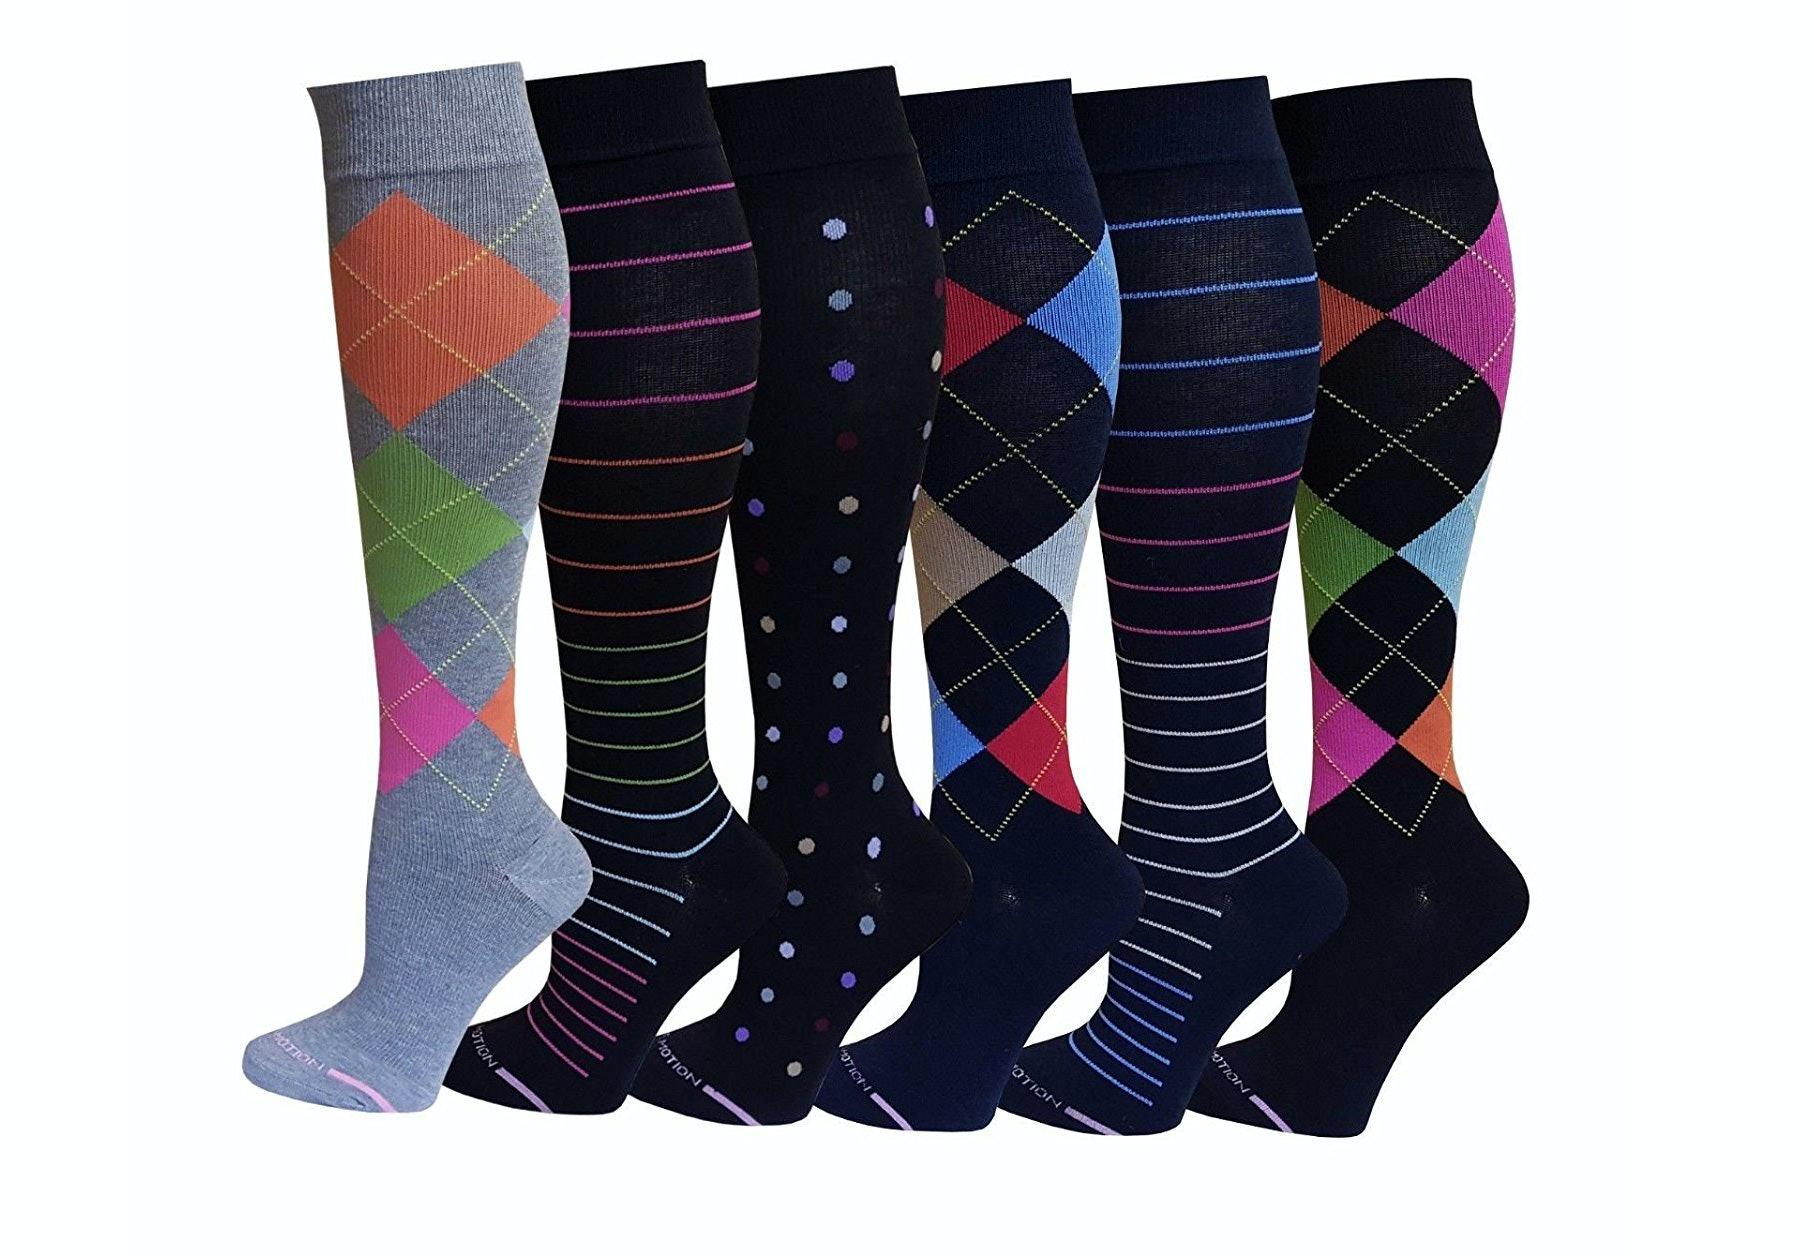 Patterned Compression Socks Magnificent Design Inspiration